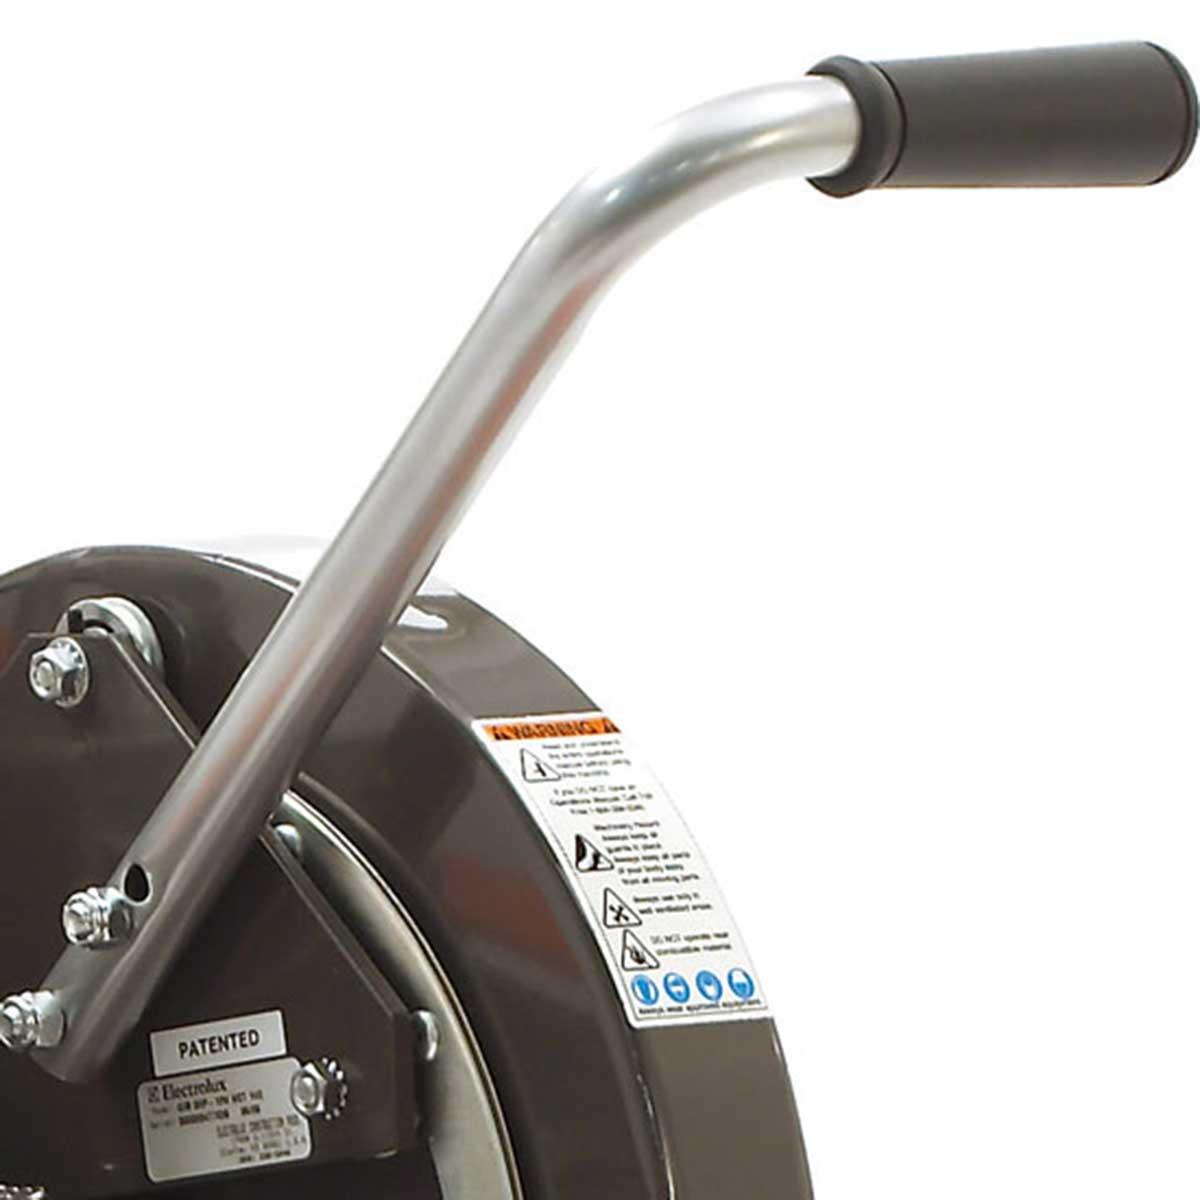 husqvarna repl ergonomic handle kit